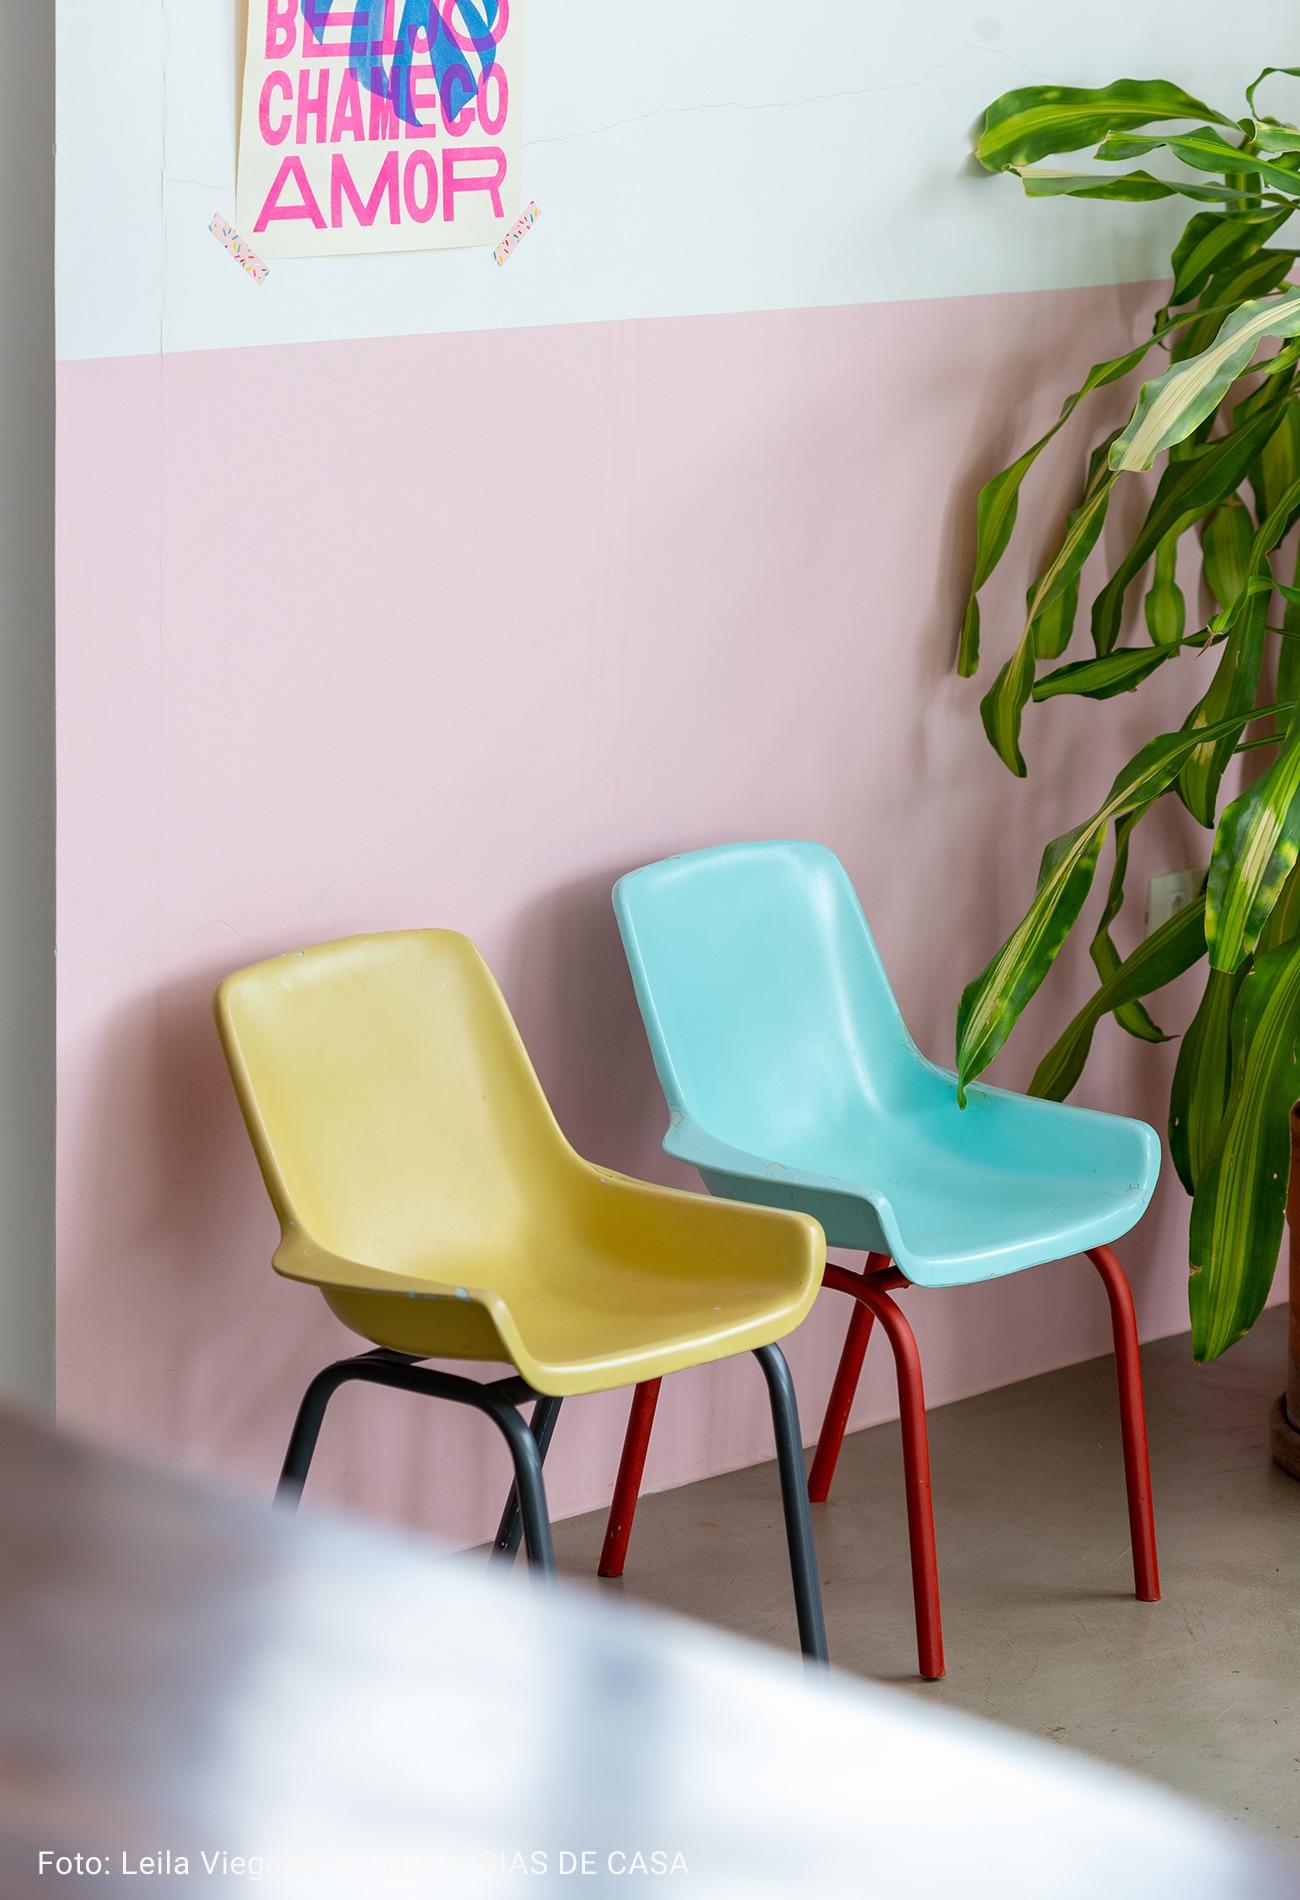 cadeiras infantis com cores vibrantes